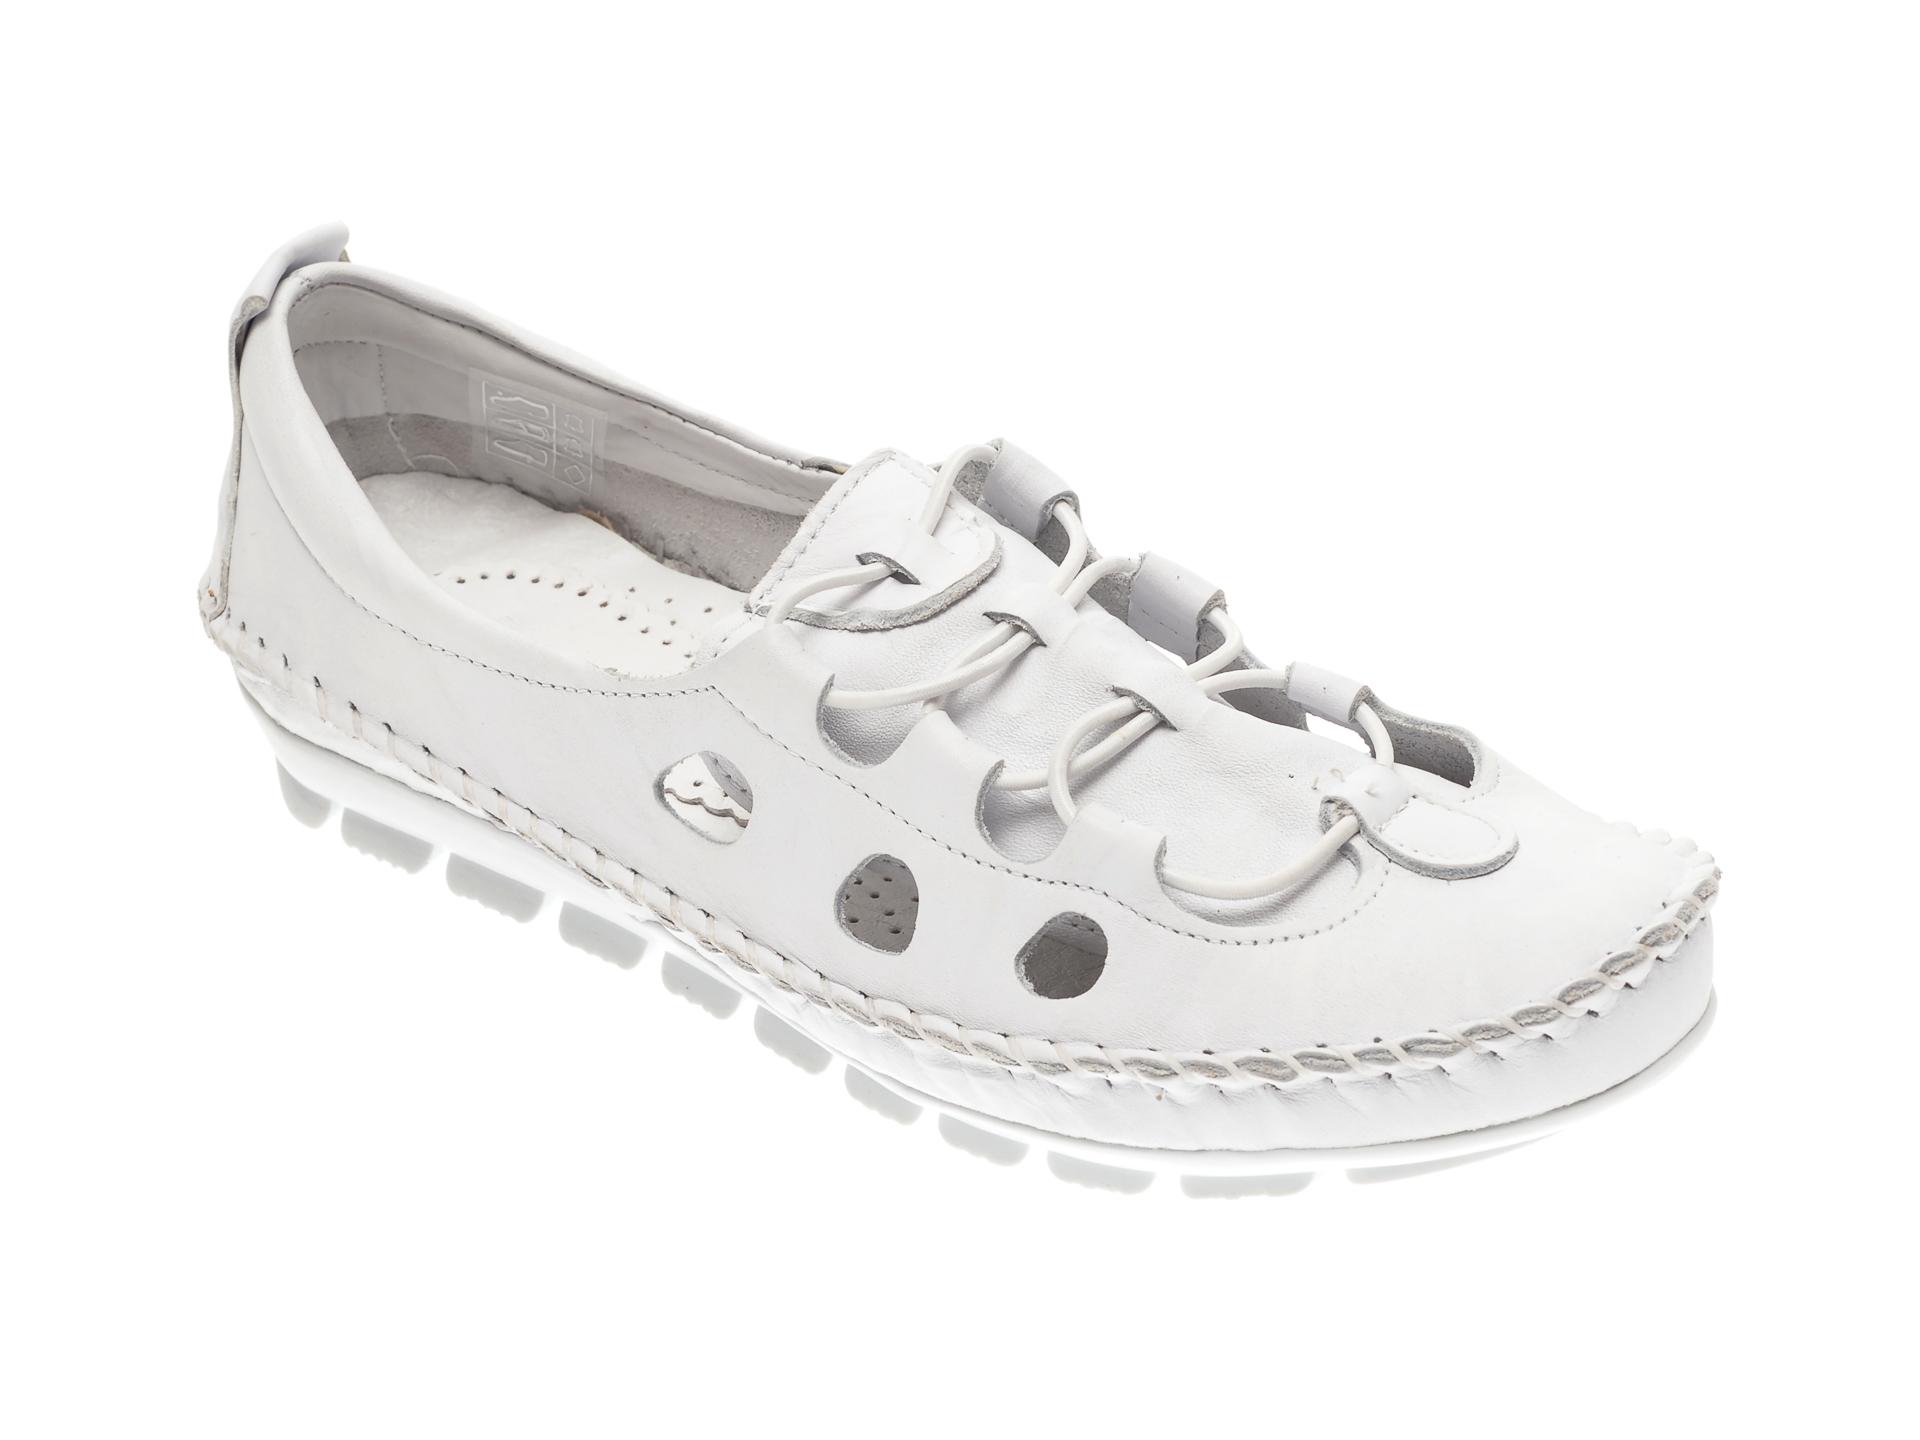 Pantofi MANLISA albi, 115, din piele naturala